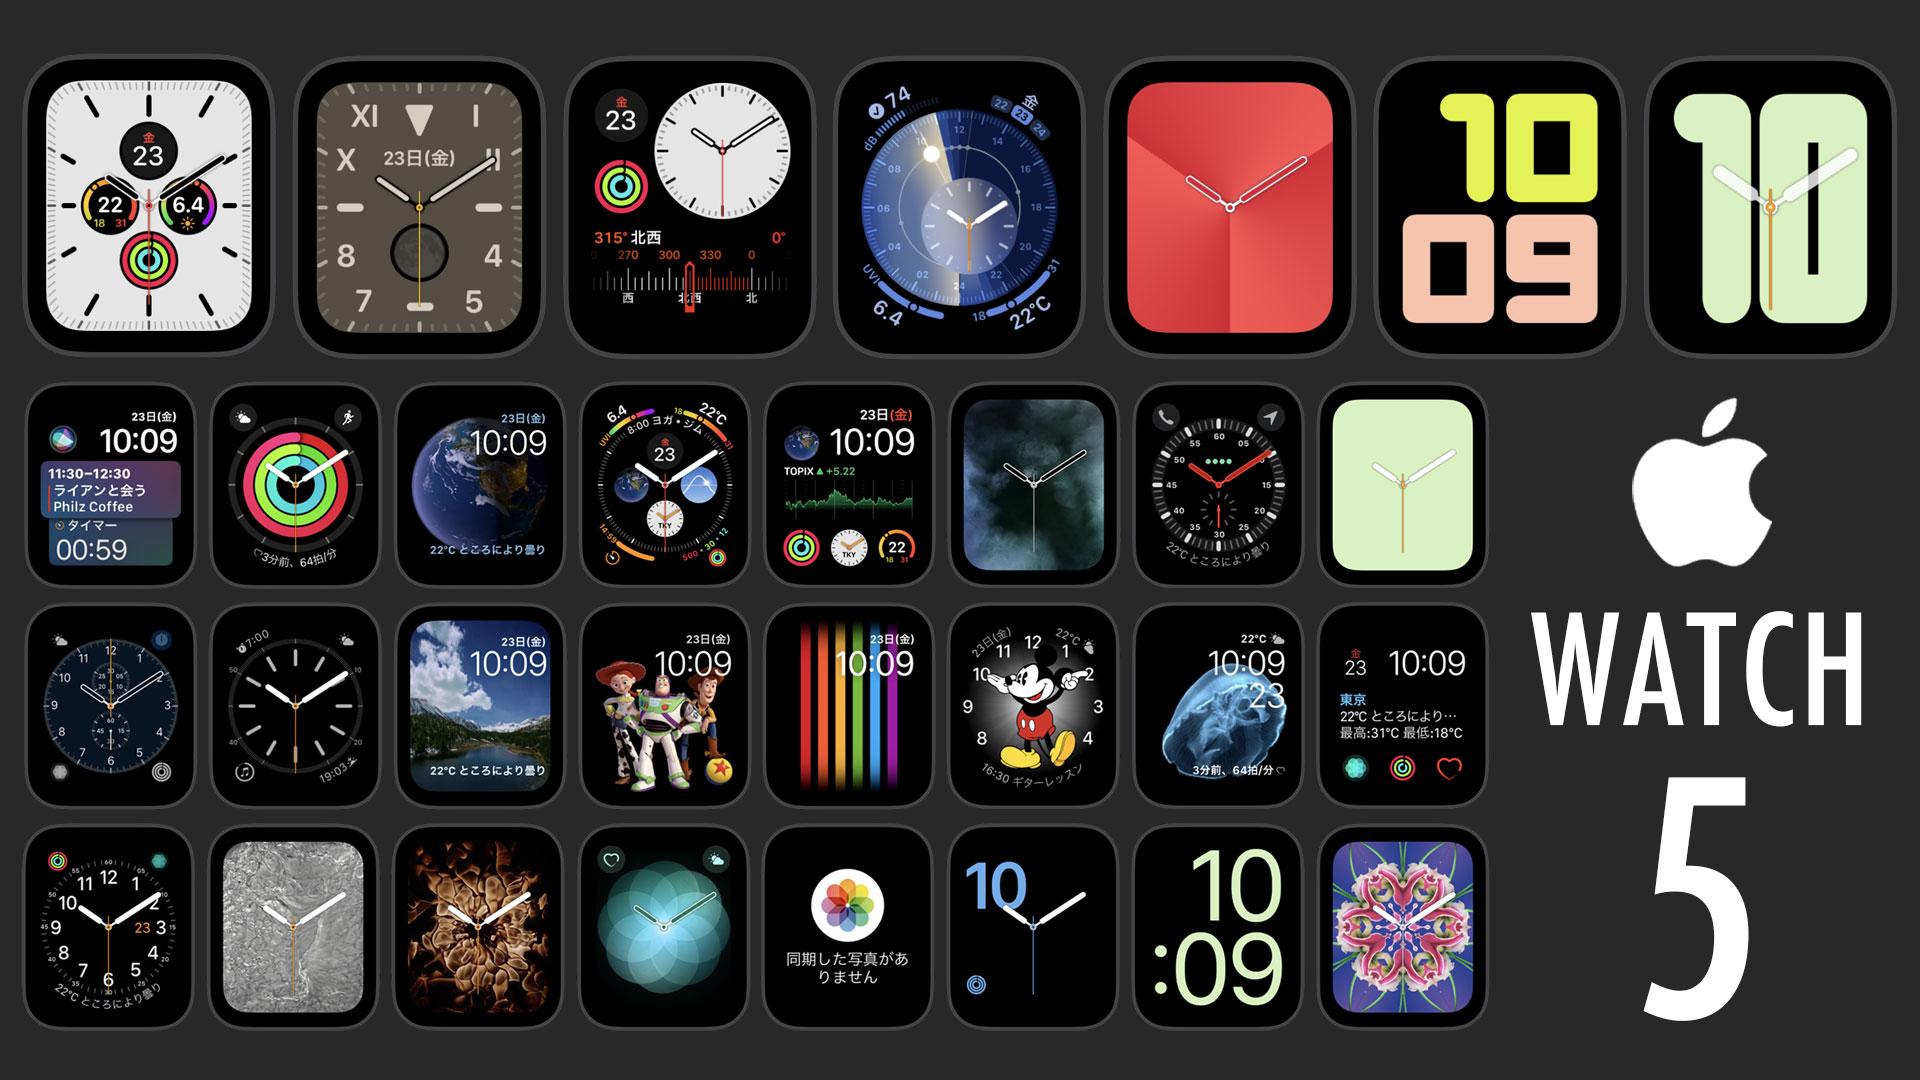 Apple Watch 5 文字盤ギャラリー全31種類決定版 Watchos 6 オイゾウ